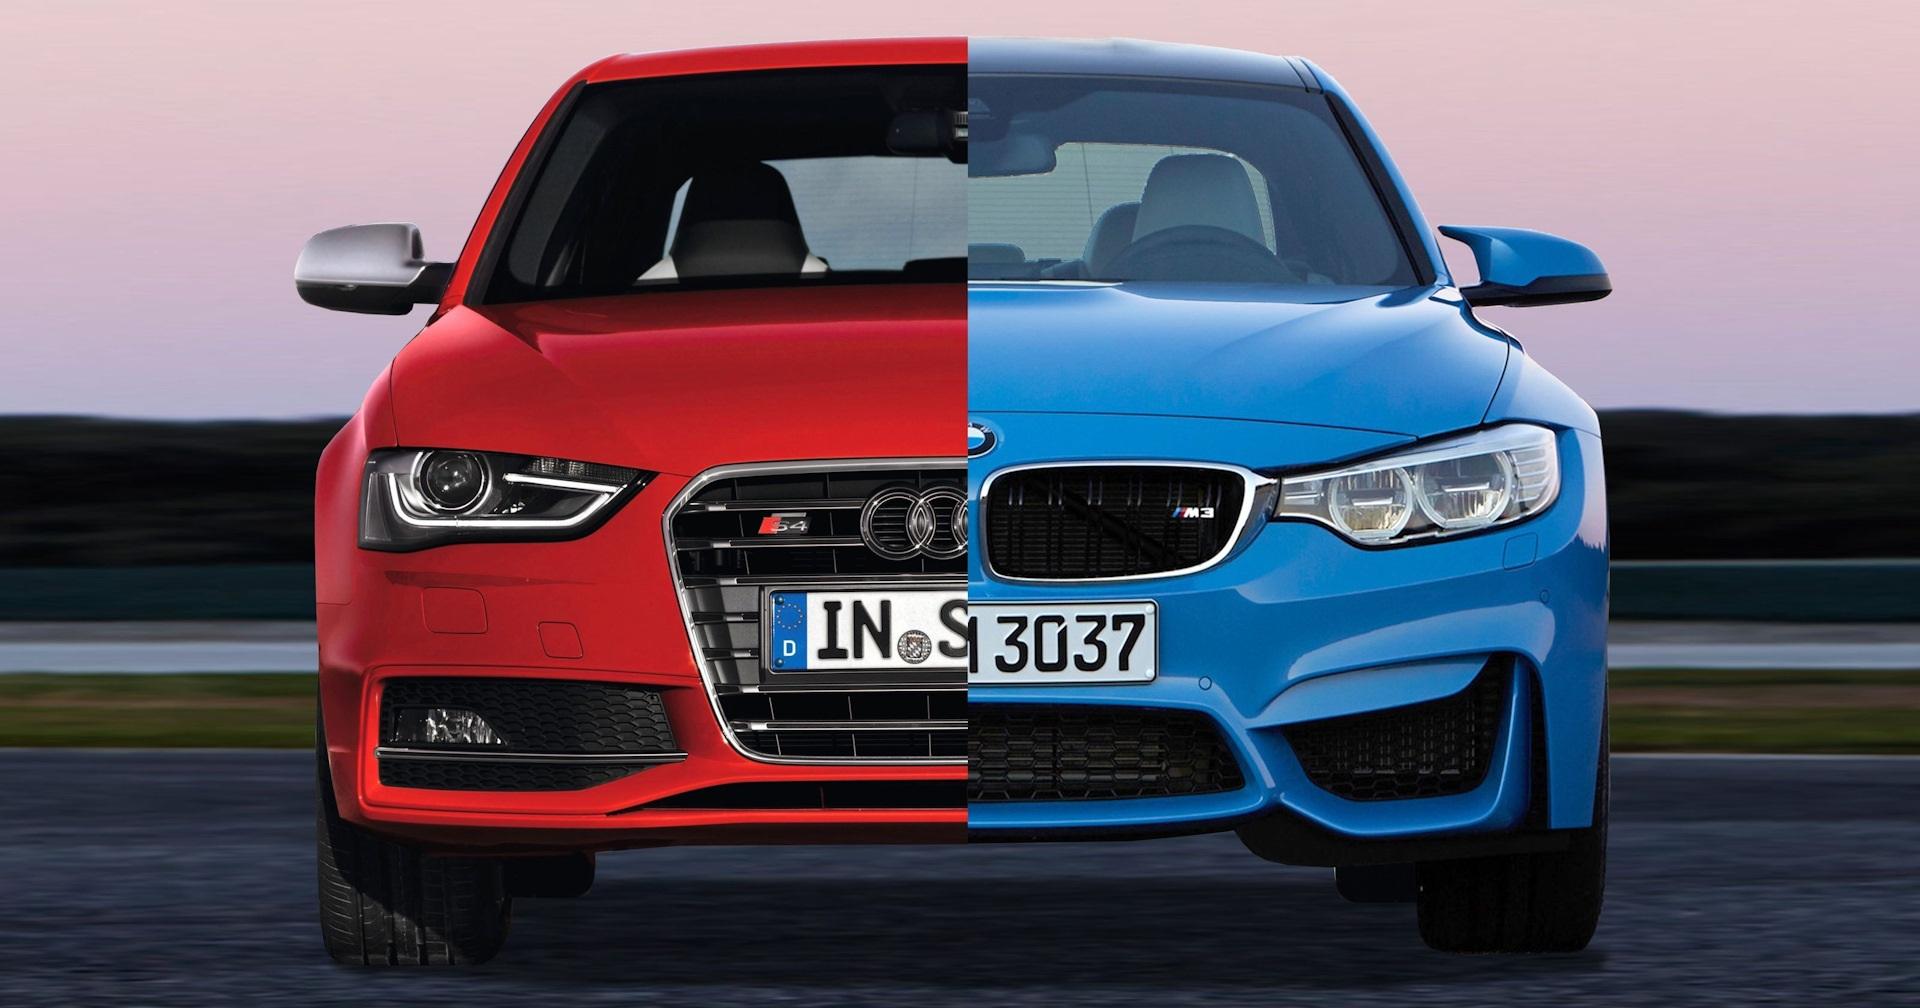 Какая марка машины лучше «Ауди» или «БМВ»